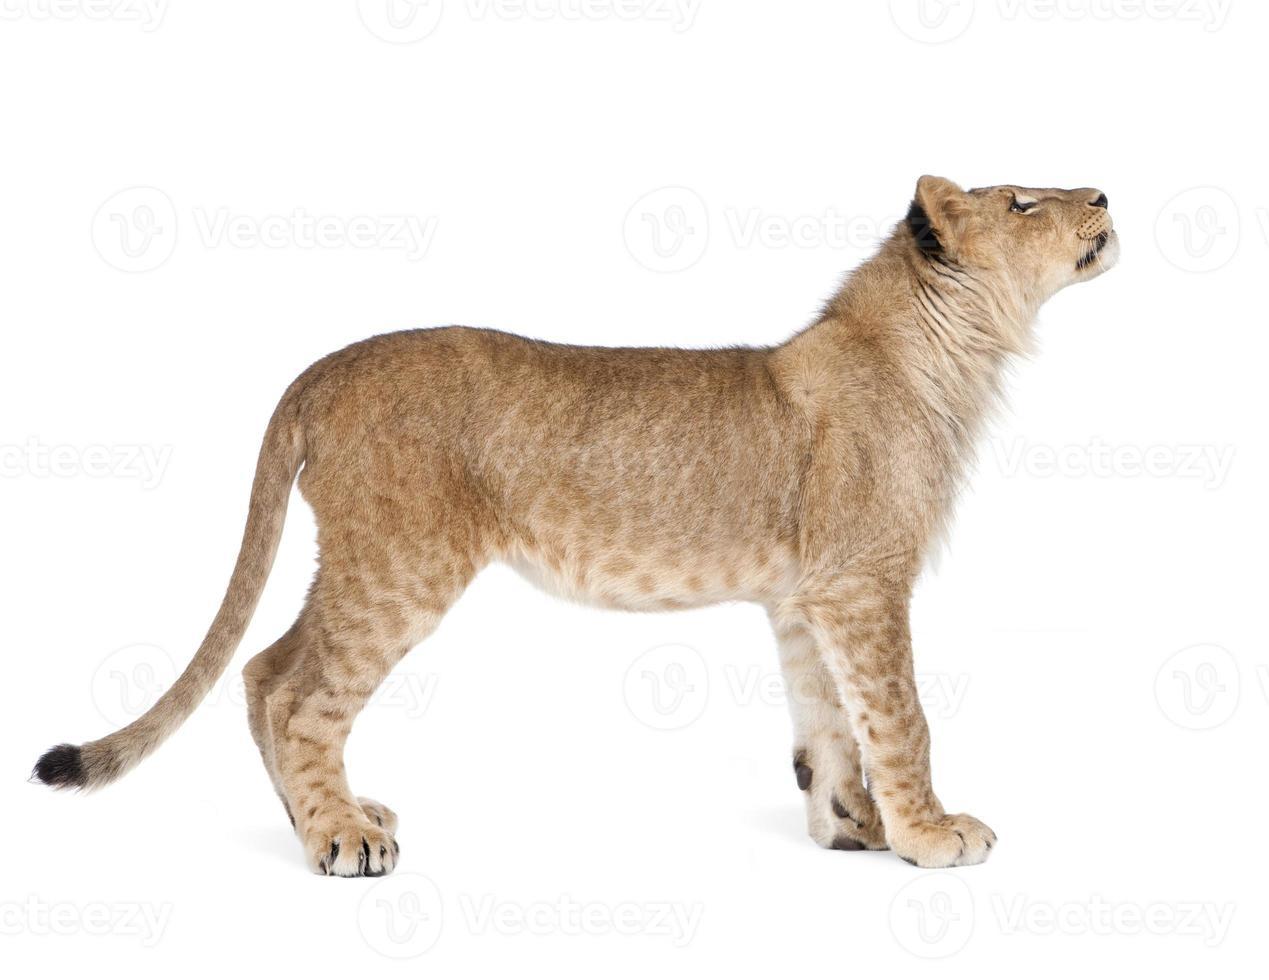 leeuwenwelpje 8 maanden foto